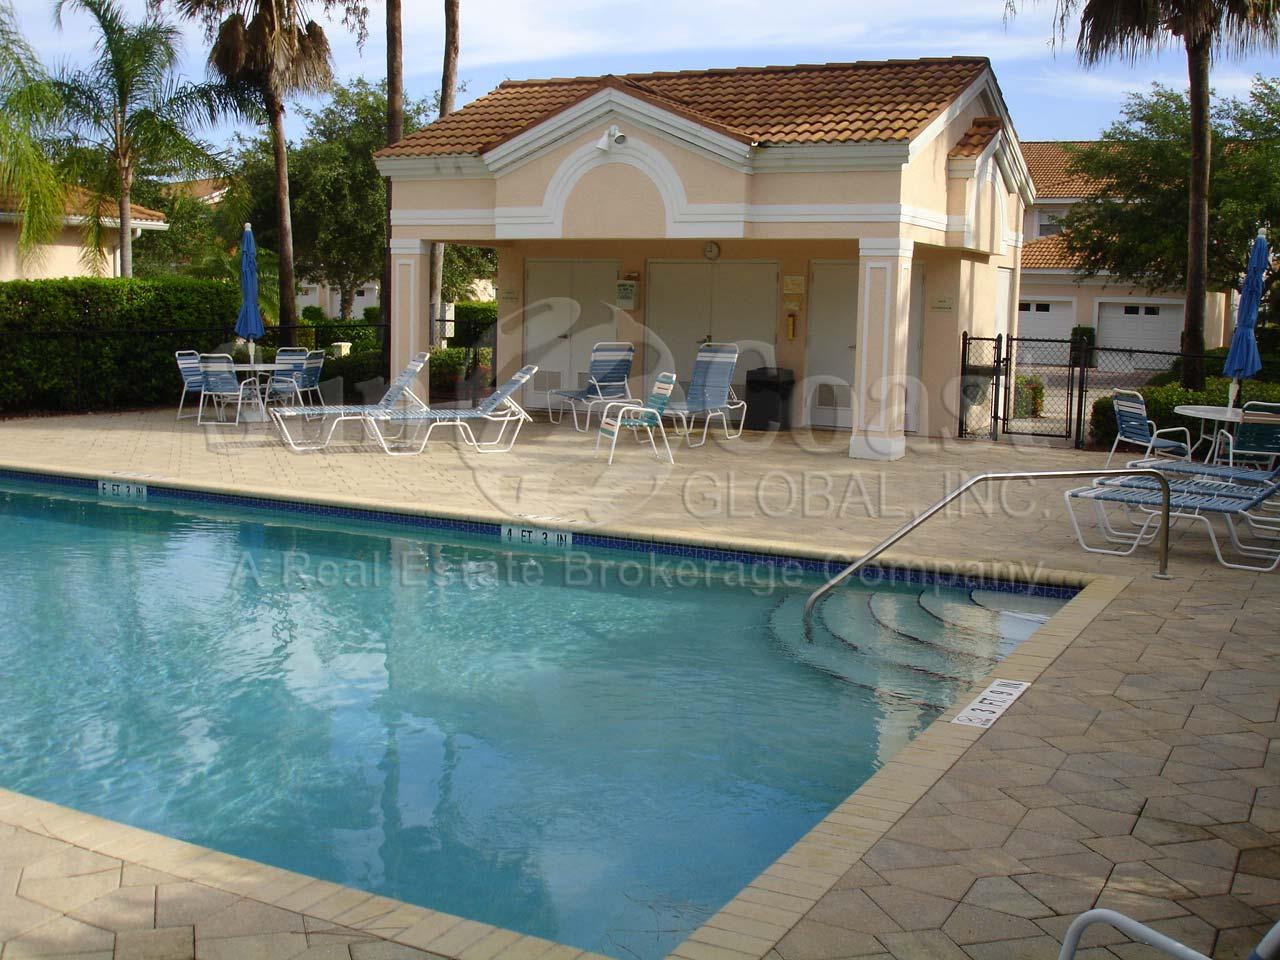 IBIS POINTE at CARLTON LAKES Real Estate NAPLES Florida Fla Fl